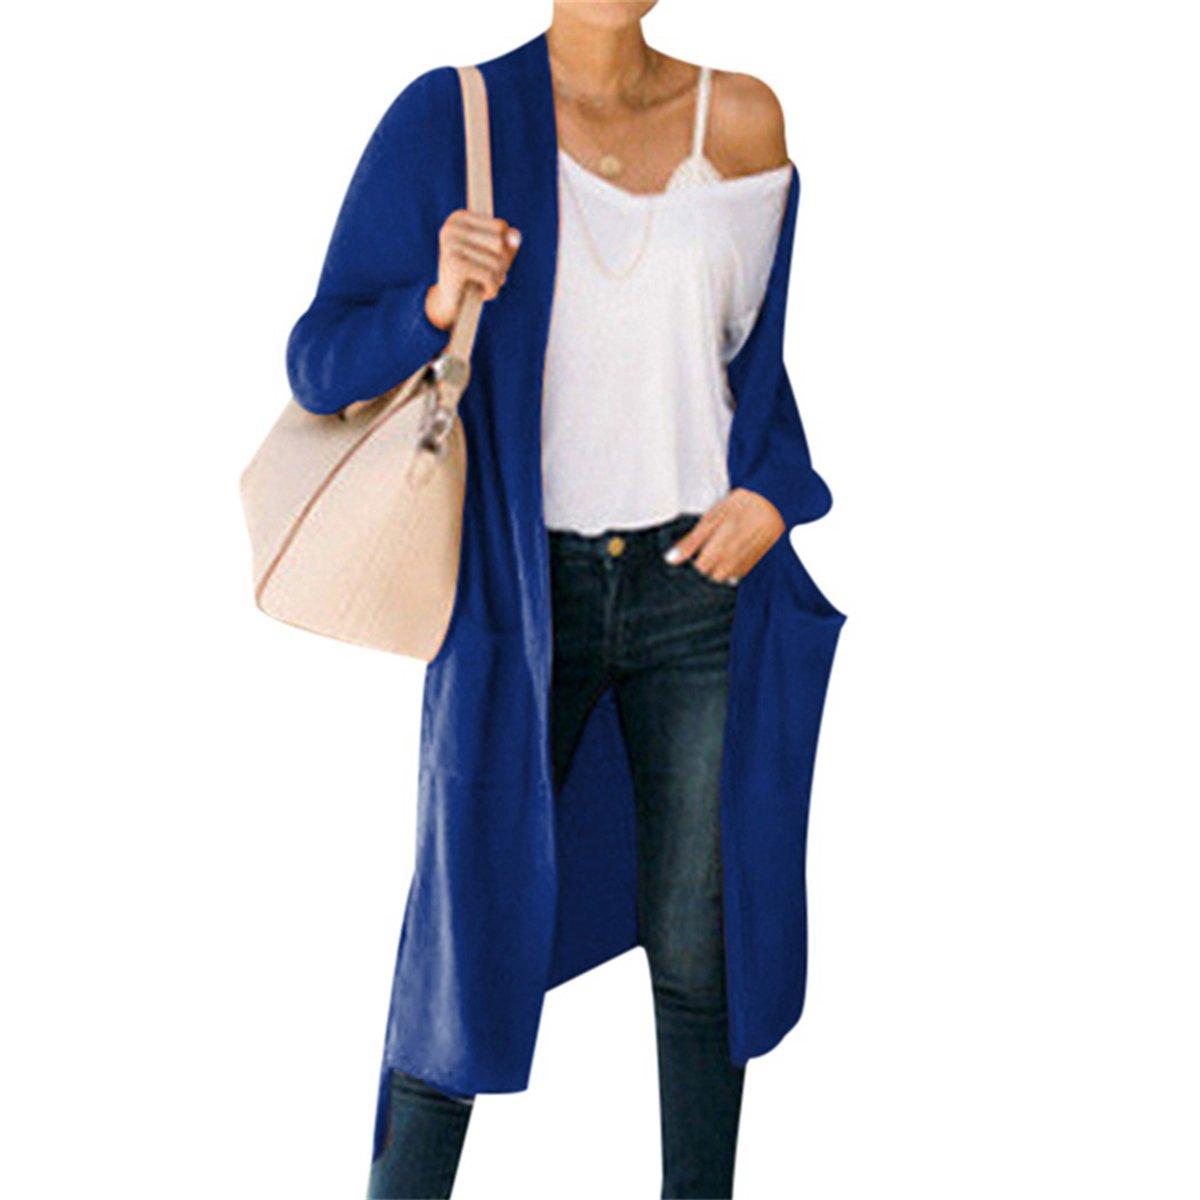 FUNOC Women's Long Cardigan Coat,Casual Korean Shawl Sweater Knitting Outerwear